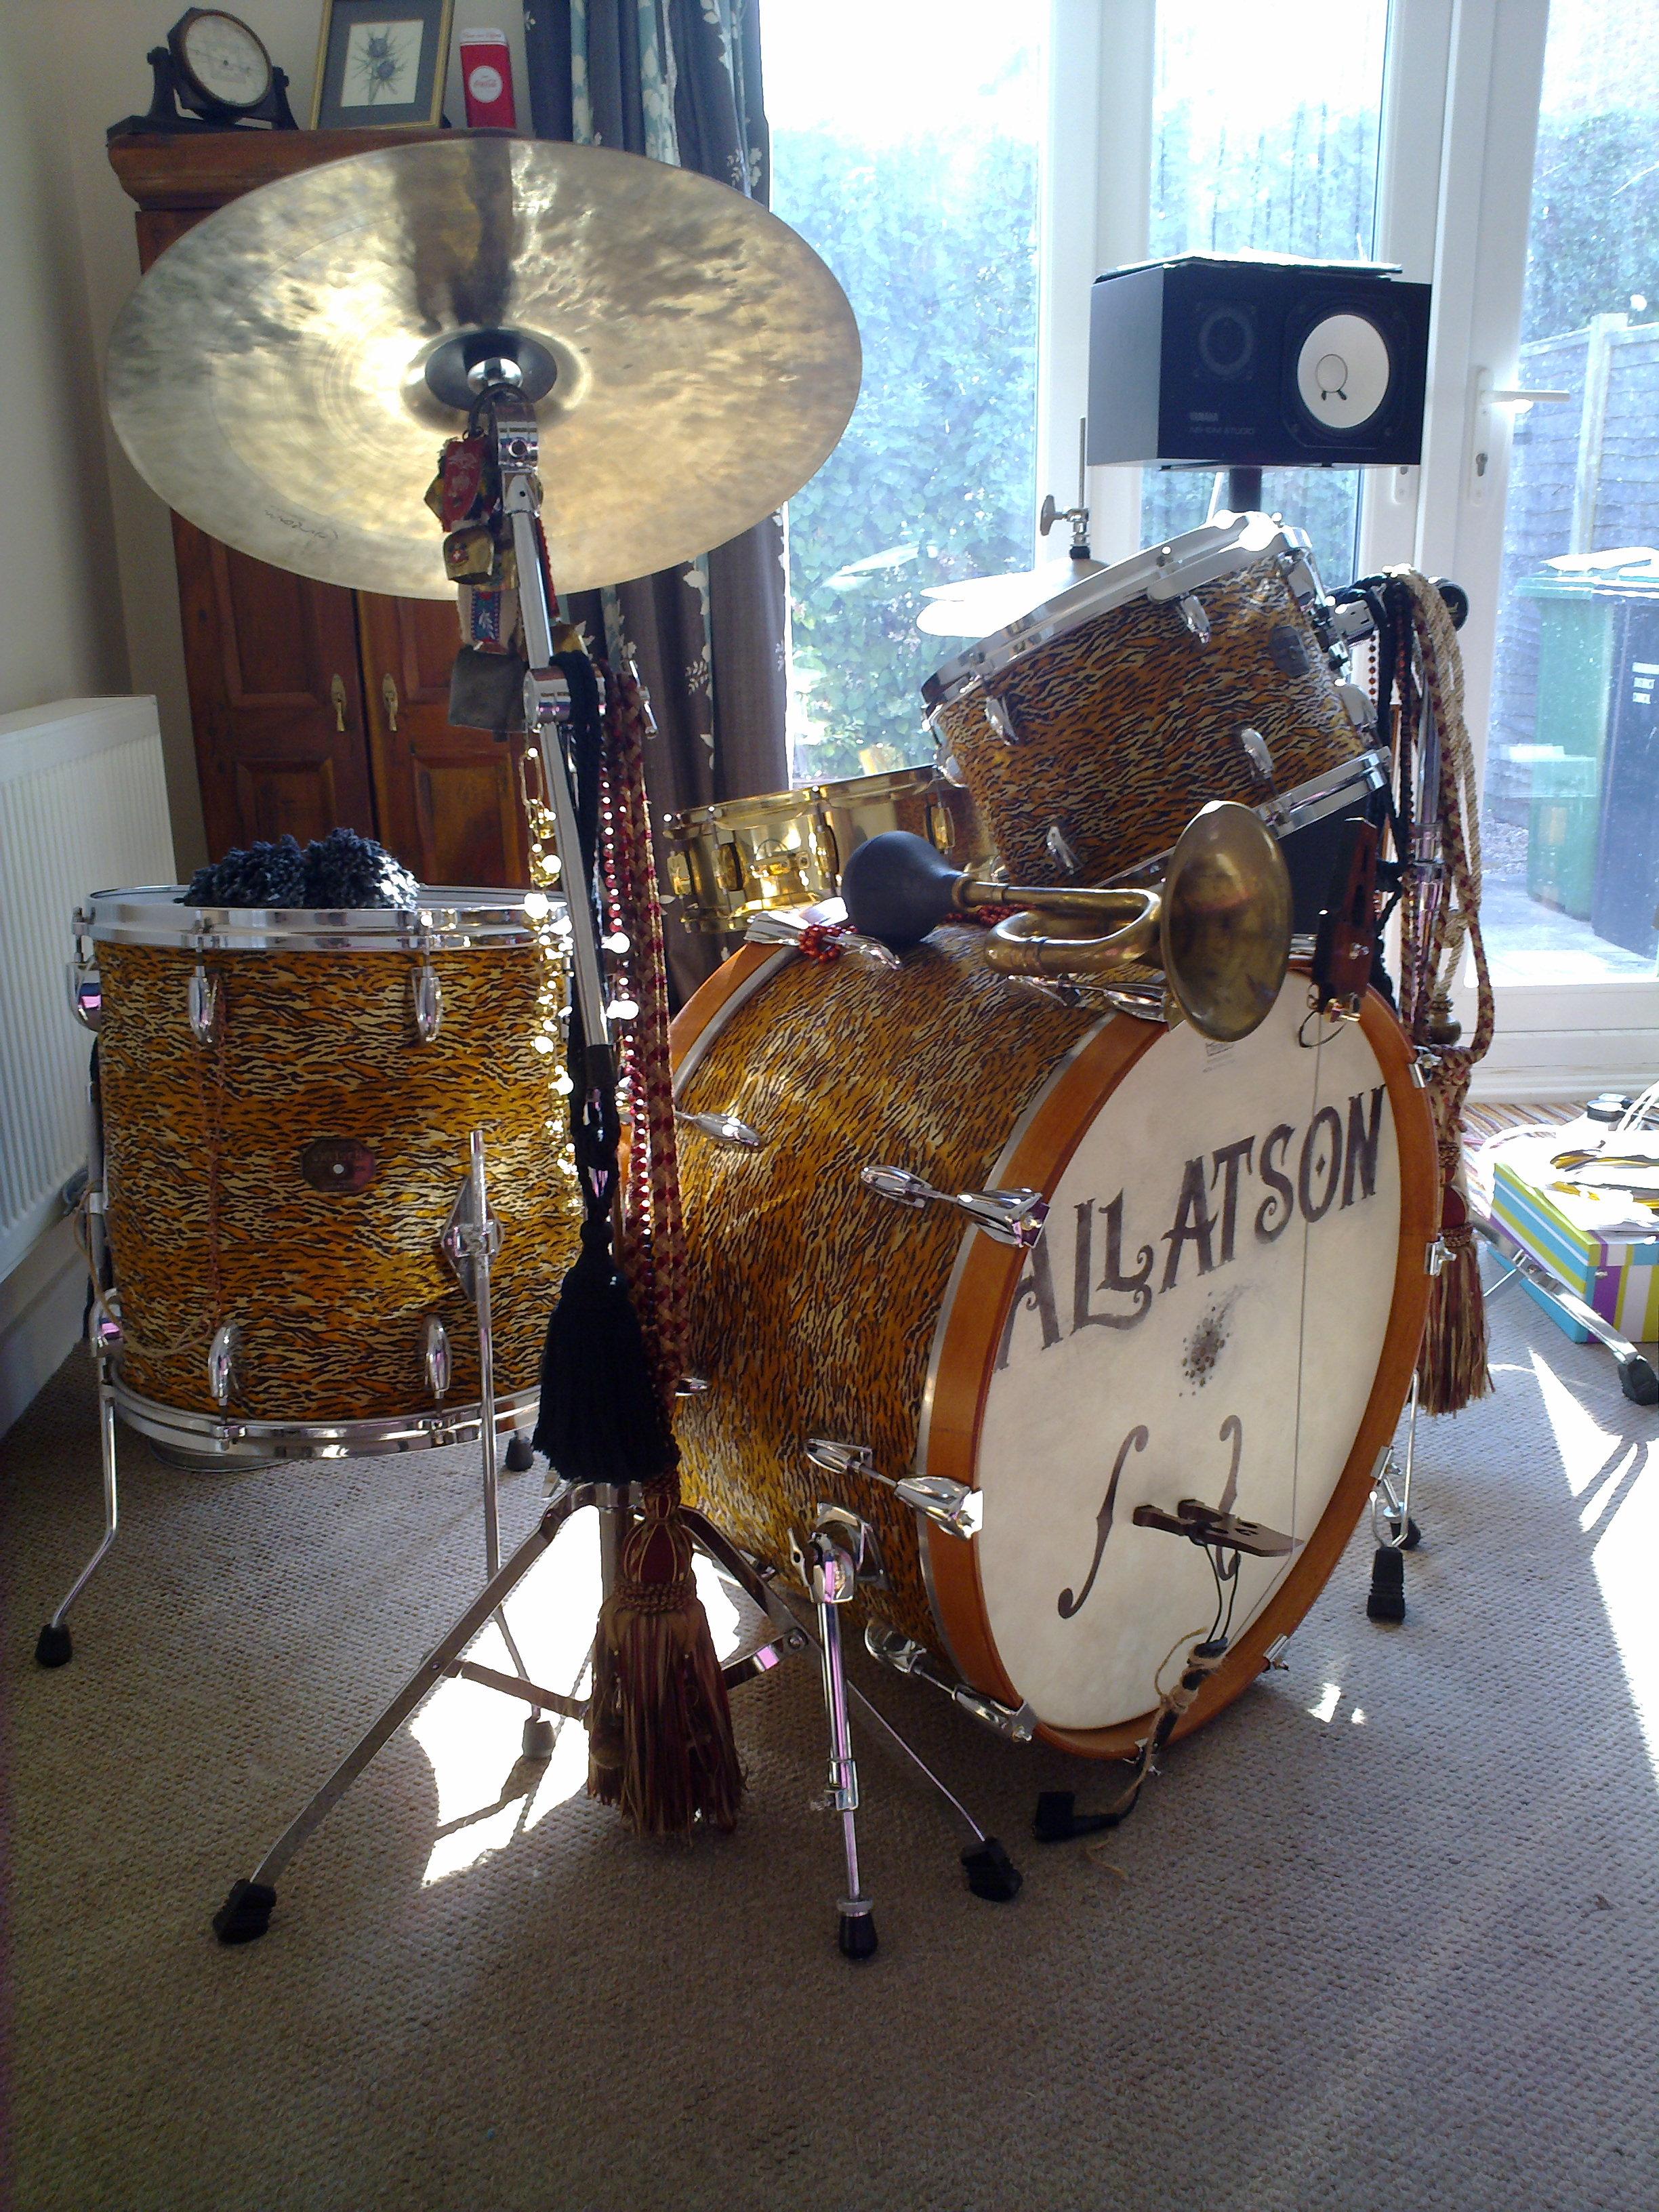 Gretsch 1970's drum kit in tiger skin